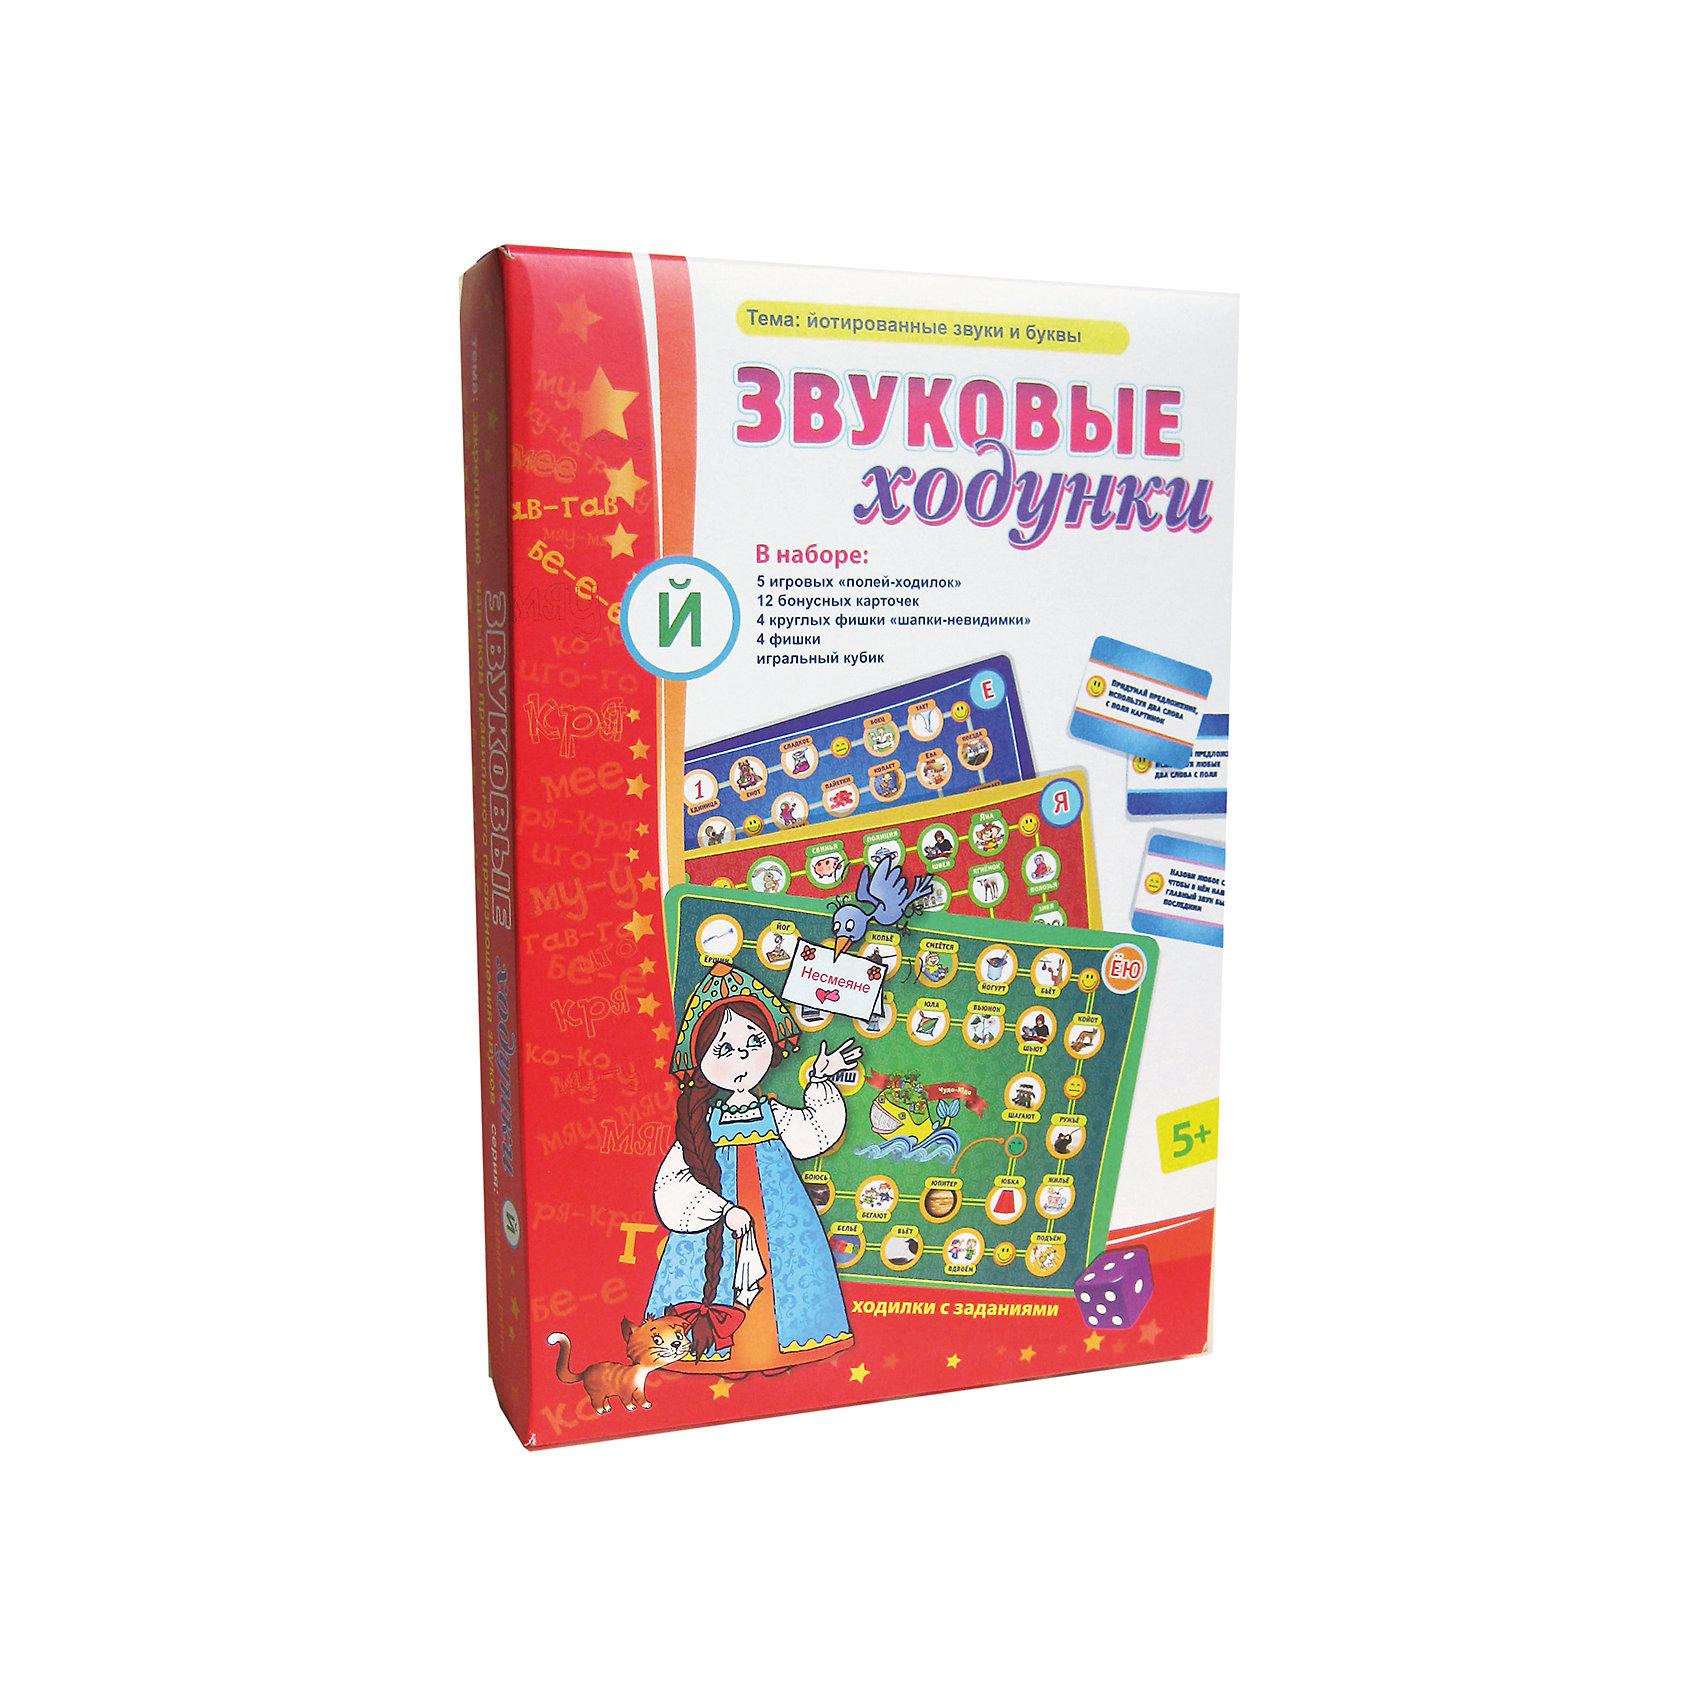 Звуковые ходунки Й, Игротека Татьяны БарчанНастольные игры<br>Звуковые ходунки Й, Игротека Татьяны Барчан.<br><br>Характеристики:<br><br>• Для детей в возрасте: от 5 до 8 лет<br>• В комплекте: 5 полей-ходилок, 12 карточек с дополнительными заданиями, игральный кубик, 4 фишки, инструкция<br>• Тема: Йотированные звуки и буквы<br>• Размер одного игрового поля: 34х25 см.<br>• Материал: плотный качественный картон<br>• Производитель: ЦОТР Ребус (Россия)<br>• Упаковка: картонная коробка<br>• Размер упаковки: 270х180х45 мм.<br>• Вес: 275 гр.<br><br>Звуковые «ходунки» адресованы логопедам, педагогам, ответственным родителям, которые хотят помочь детям автоматизировать произношение йотированных гласных (я, е, ё, ю). <br><br>Как и в обычных ходилках, выпавшие точки на кубике показывают, сколько шагов вперёд надо сделать игроку. Но вот ход засчитывается только тогда, когда игрок фонетически правильно назовёт слово, на которое попадает фишка. <br><br>Такие упражнения, выполненные в ходе игры, помогут и в развитии навыка звукового анализа слова, расширят активный словарь малыша. В игре есть дополнительные задания на становление грамматического строя, развитие зрительной и слуховой памяти и внимания.<br><br>Игру Звуковые ходунки Й, Игротека Татьяны Барчан можно купить в нашем интернет-магазине.<br><br>Ширина мм: 270<br>Глубина мм: 180<br>Высота мм: 40<br>Вес г: 270<br>Возраст от месяцев: 60<br>Возраст до месяцев: 96<br>Пол: Унисекс<br>Возраст: Детский<br>SKU: 6751316